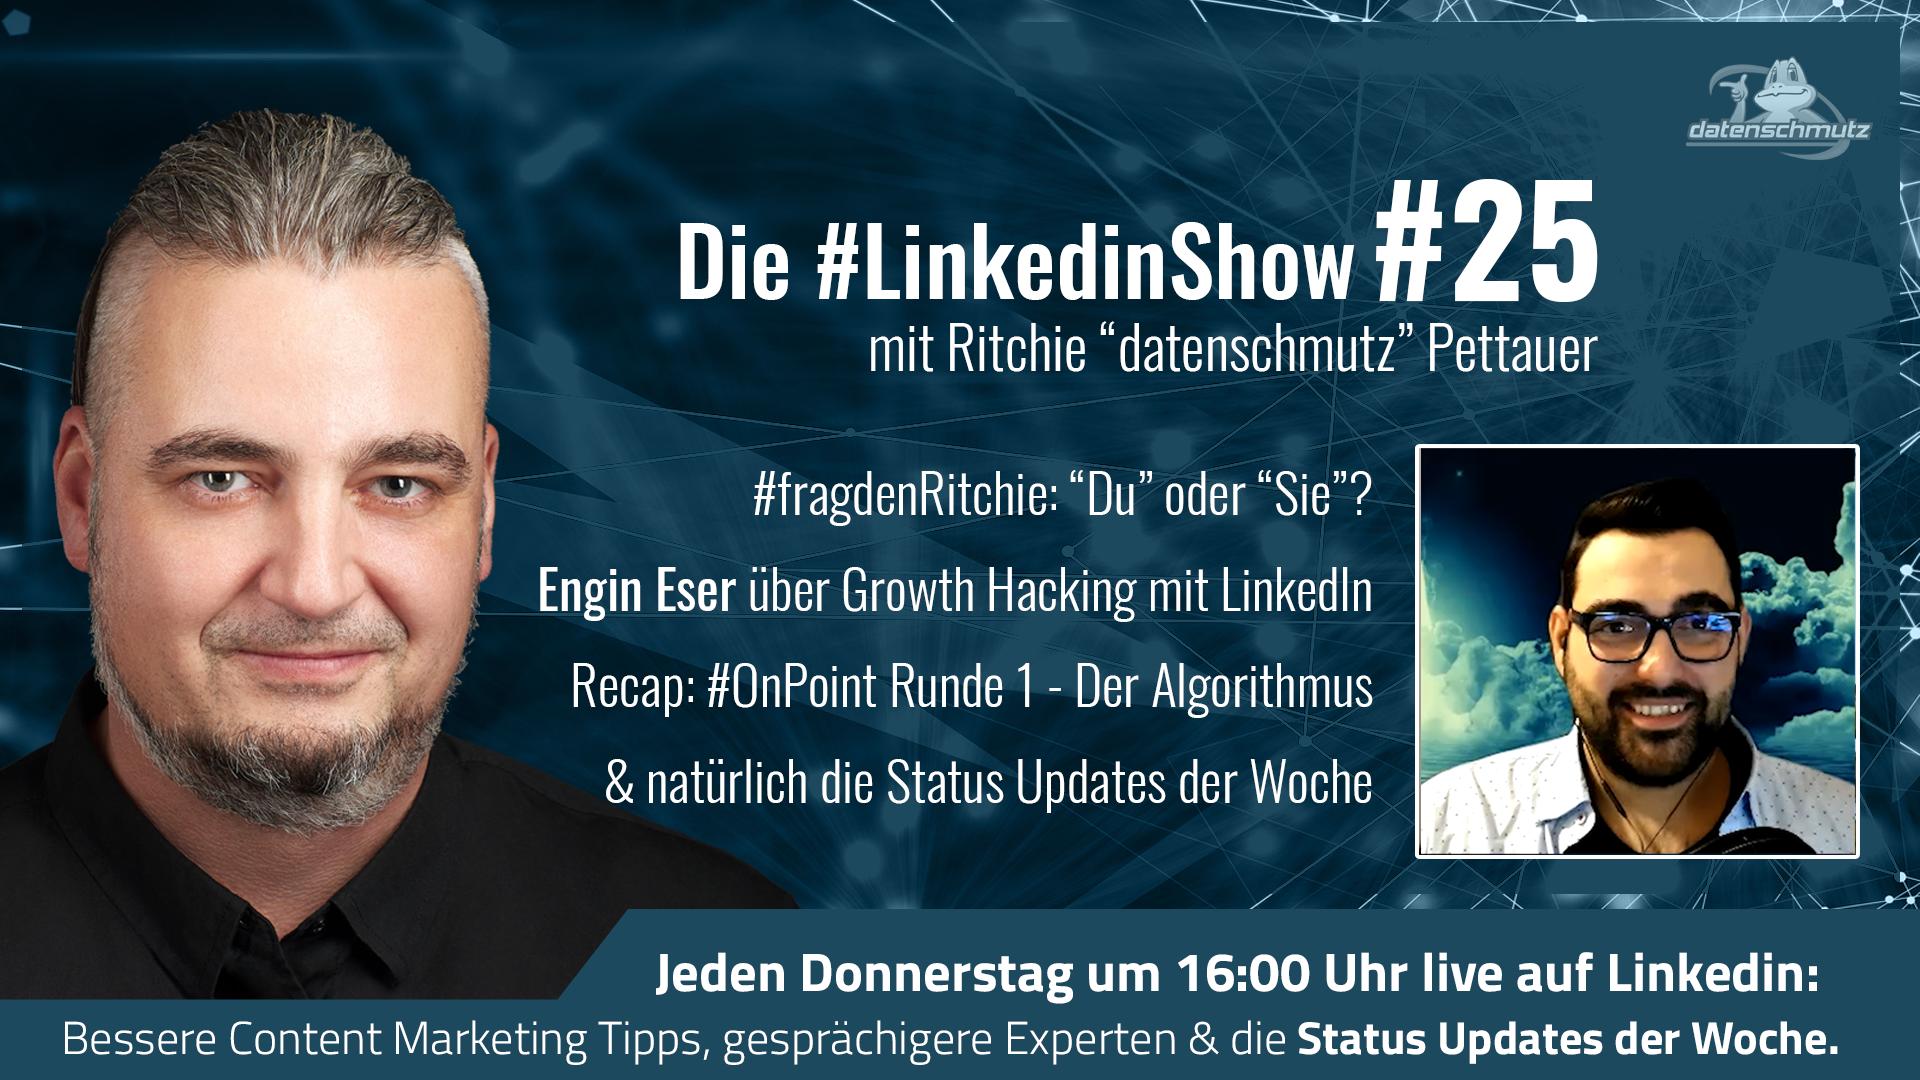 #LinkedInshow #25 mit Engin Eser   Du oder Sie auf Social Media?   Status Updates der Woche